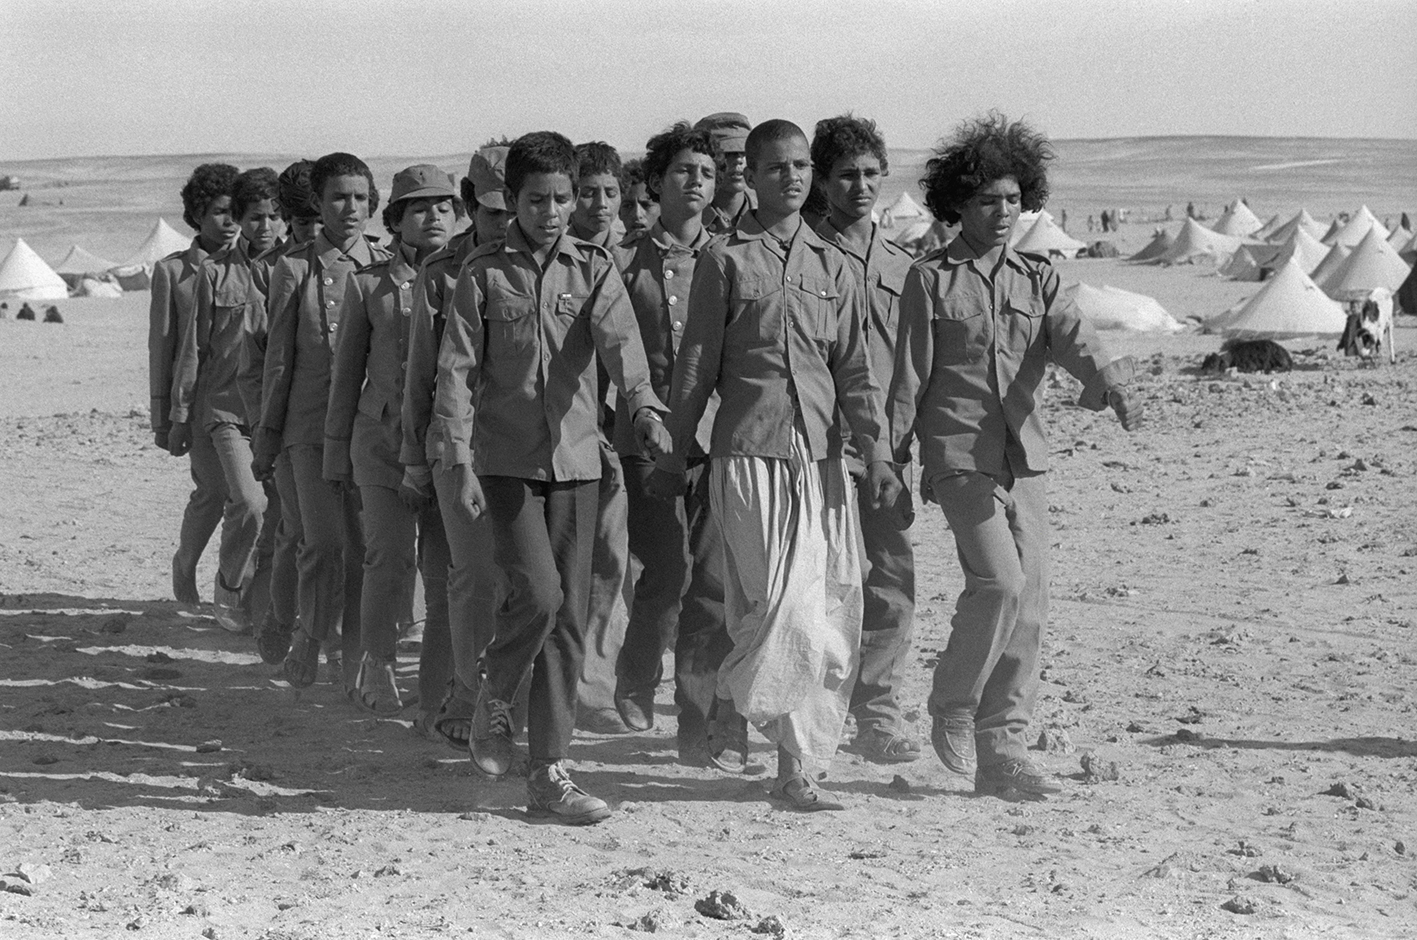 &#169Christine Spengler - Sahara Occidental. 1976.